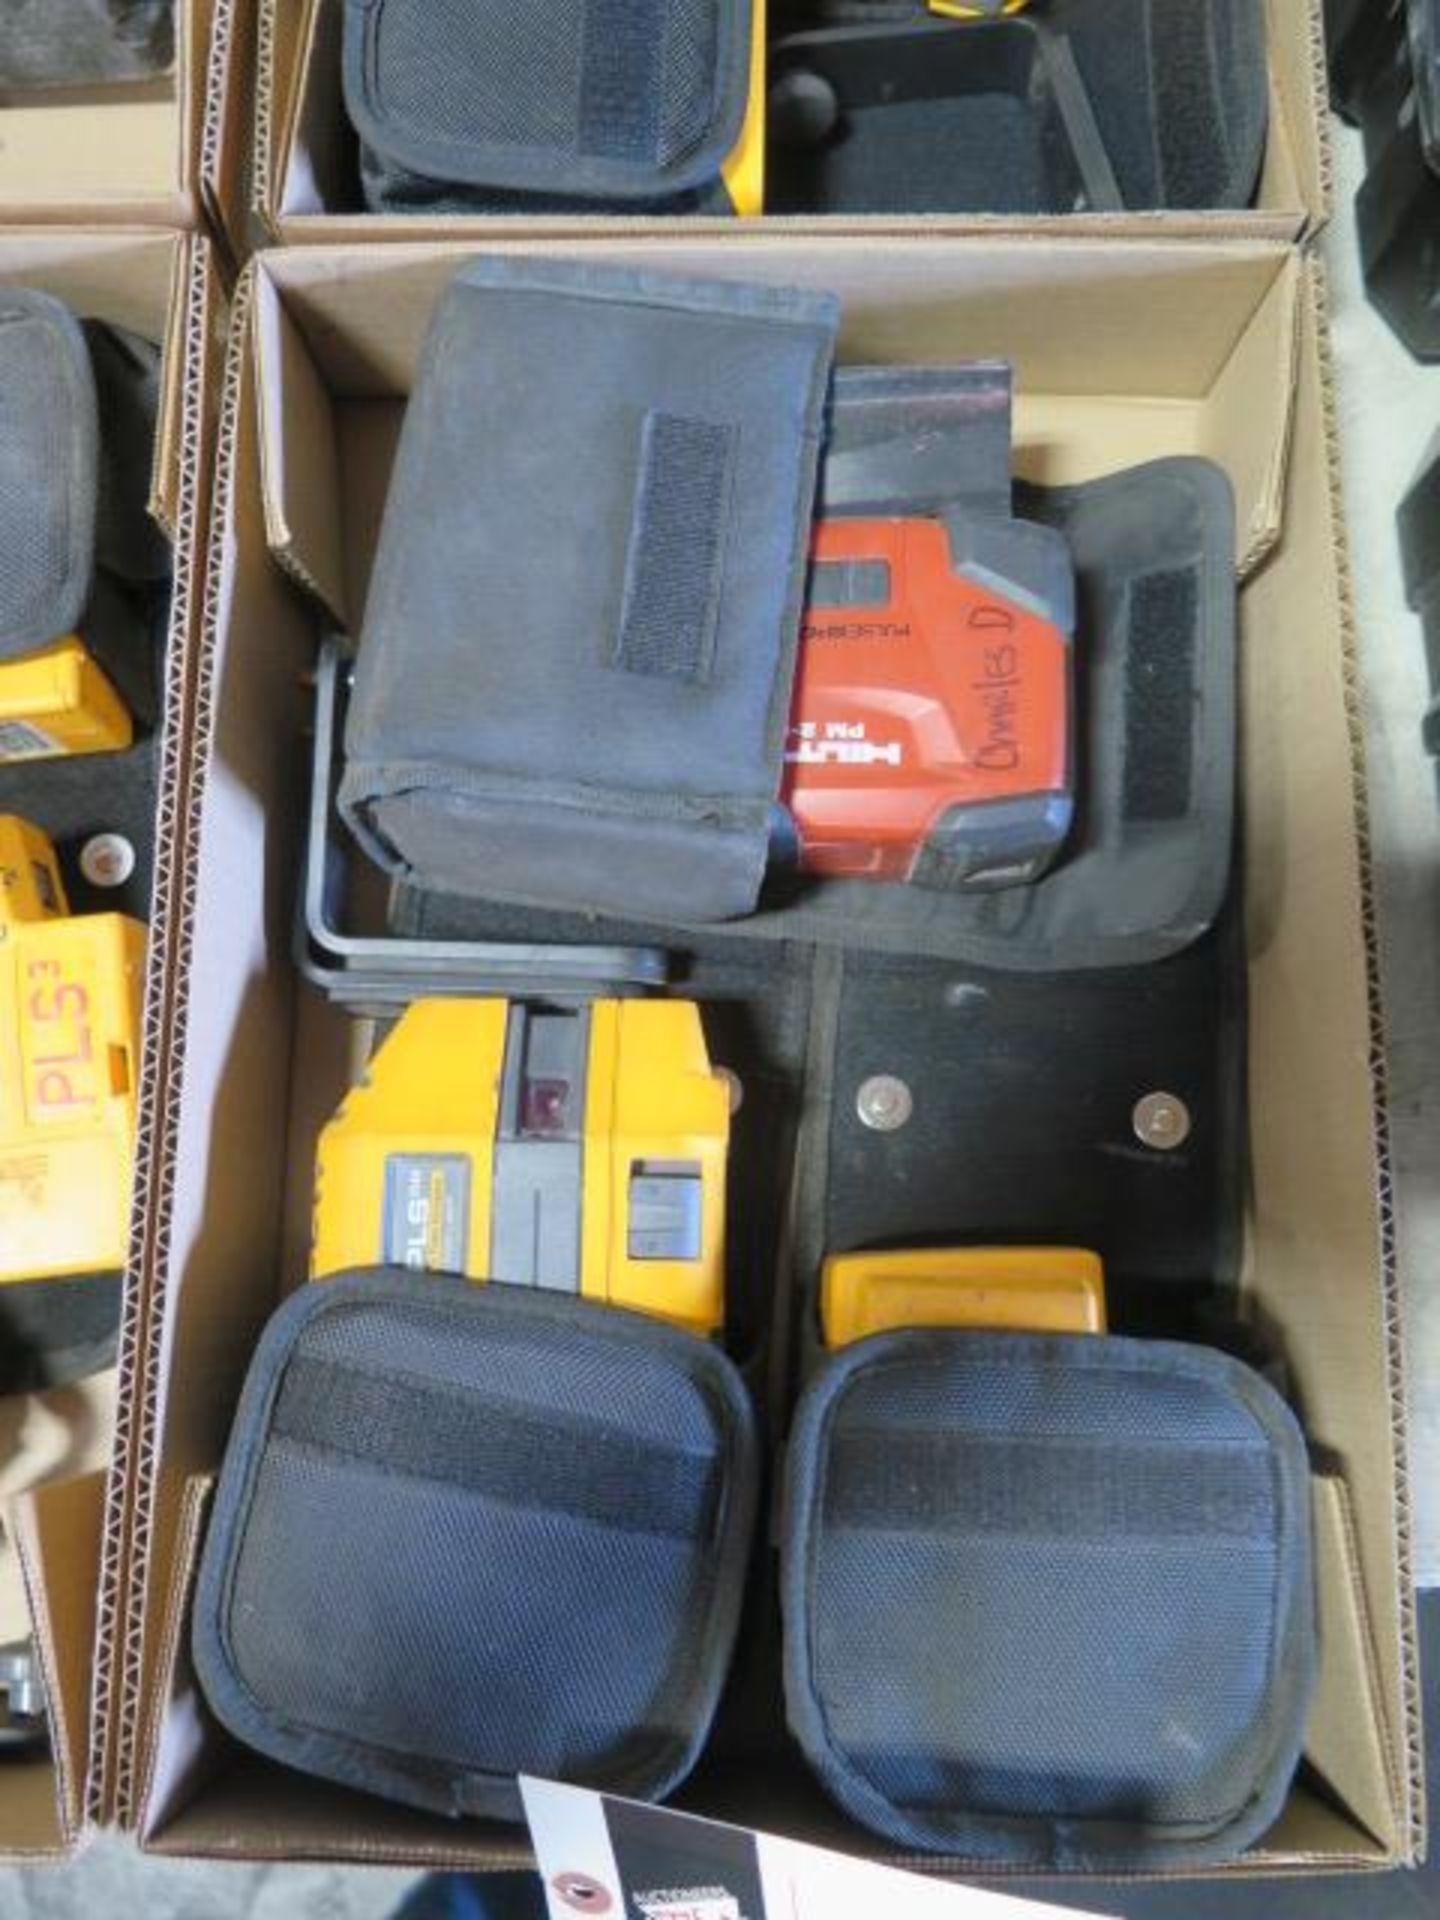 Hilti PM2-P Plumb Laser, Fluke PLS 5G 5-Point Laser Level and Fluke PLS 4 4-Point SOLD AS IS - Image 2 of 5